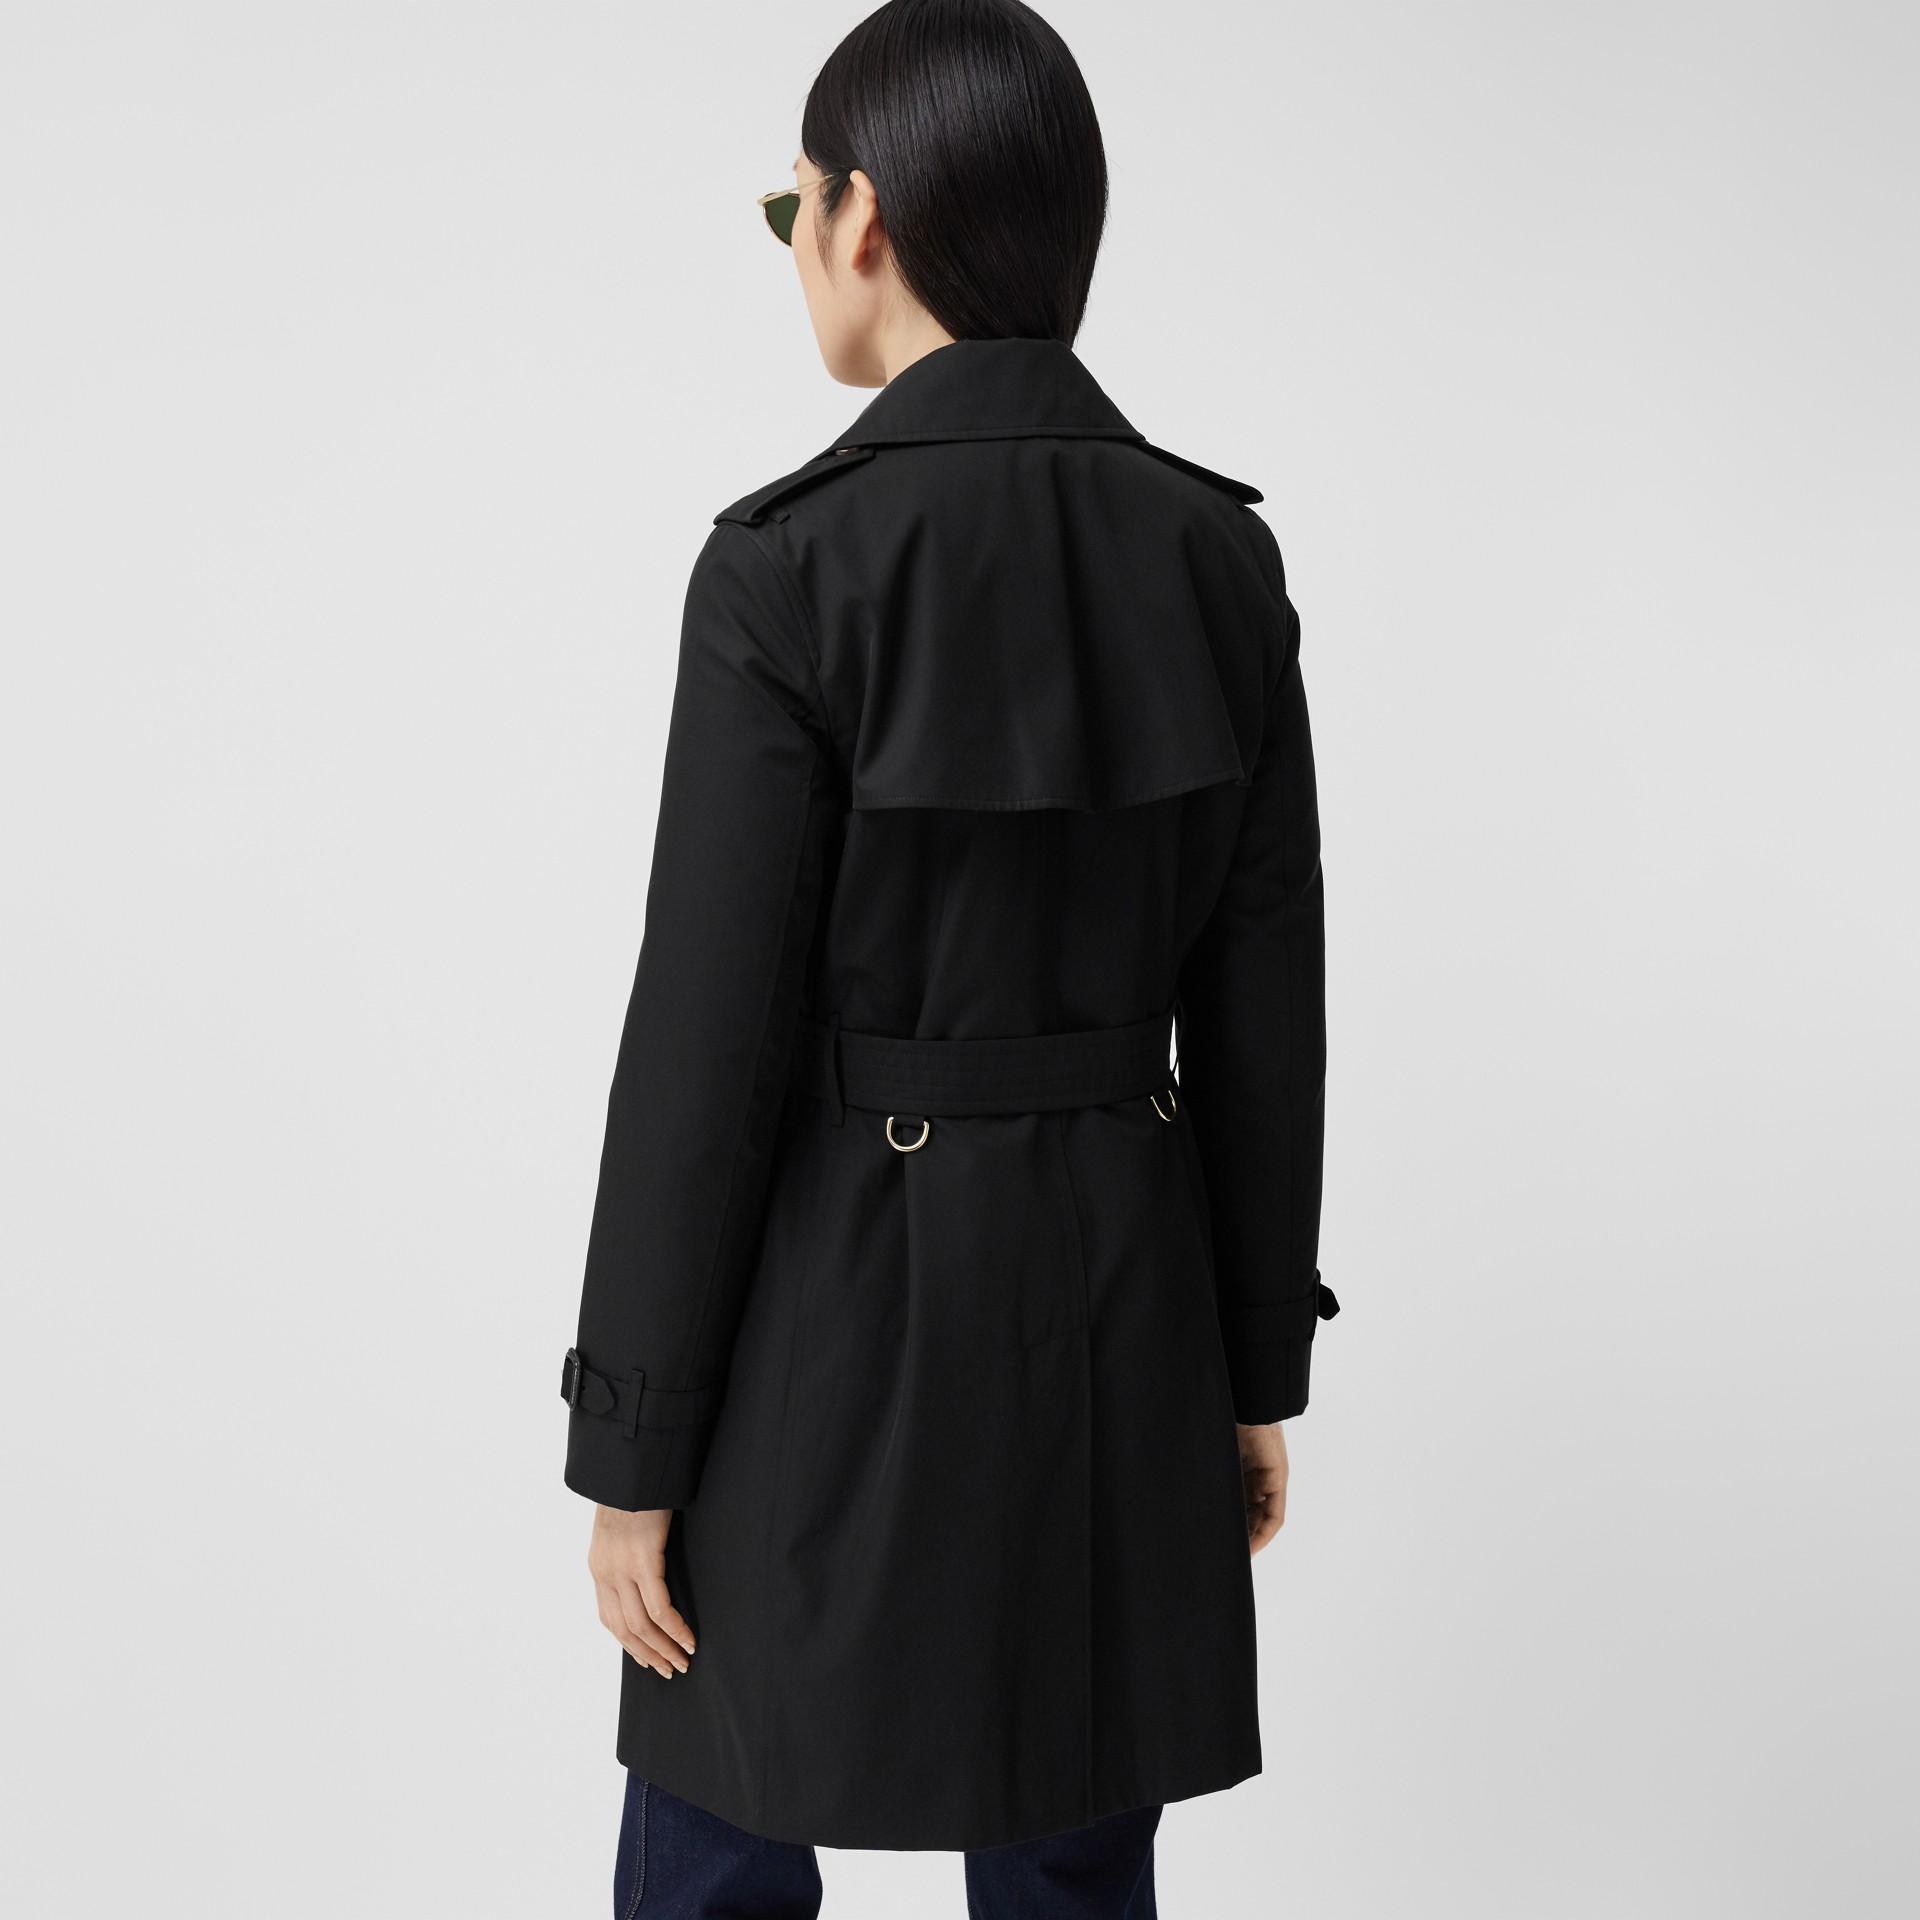 Trench coat Islington curto (Preto) - Mulheres   Burberry - galeria de imagens 2